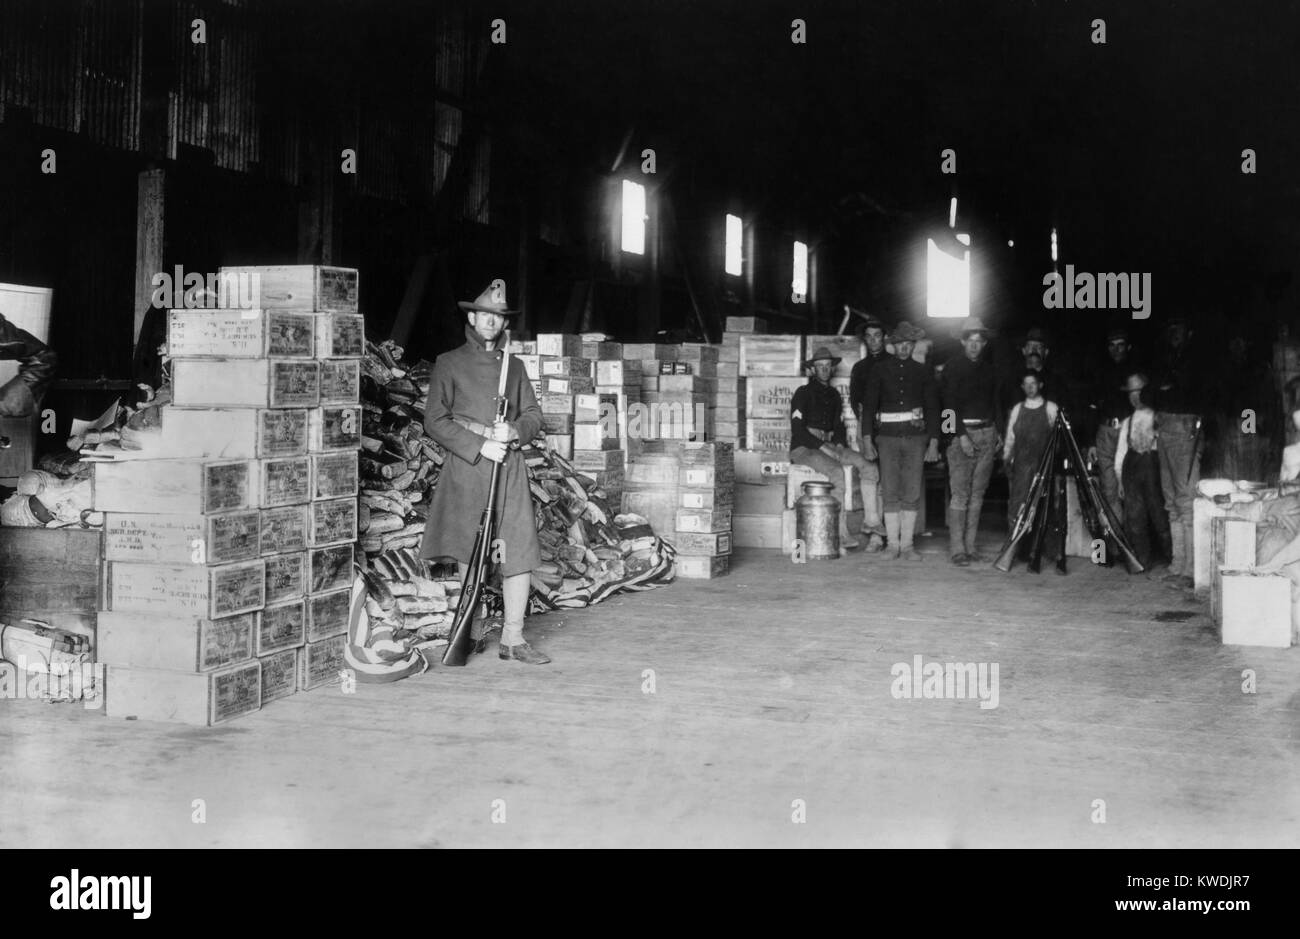 Soldats qui gardaient des approvisionnements de secours à San Francisco après le tremblement de terre Photo Stock